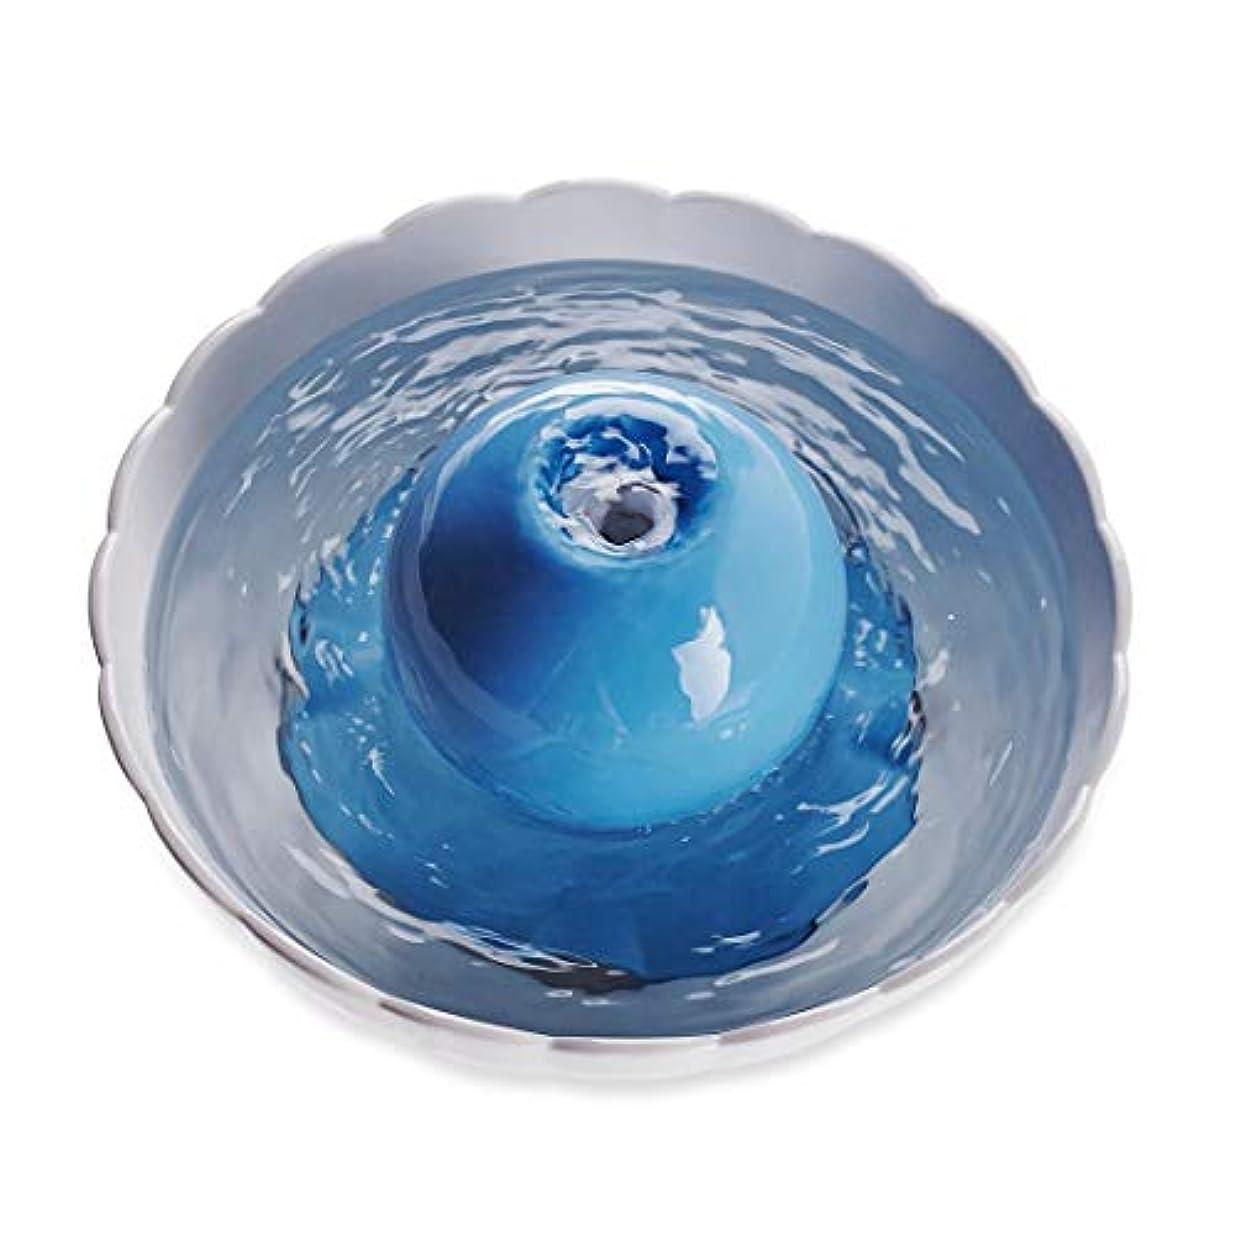 曲阜市德峰便民冷饮超市 ペット自動水ディスペンサーセラミック酸素フィルターキャットドッグウォーターフィーダー (色 : Globe White)